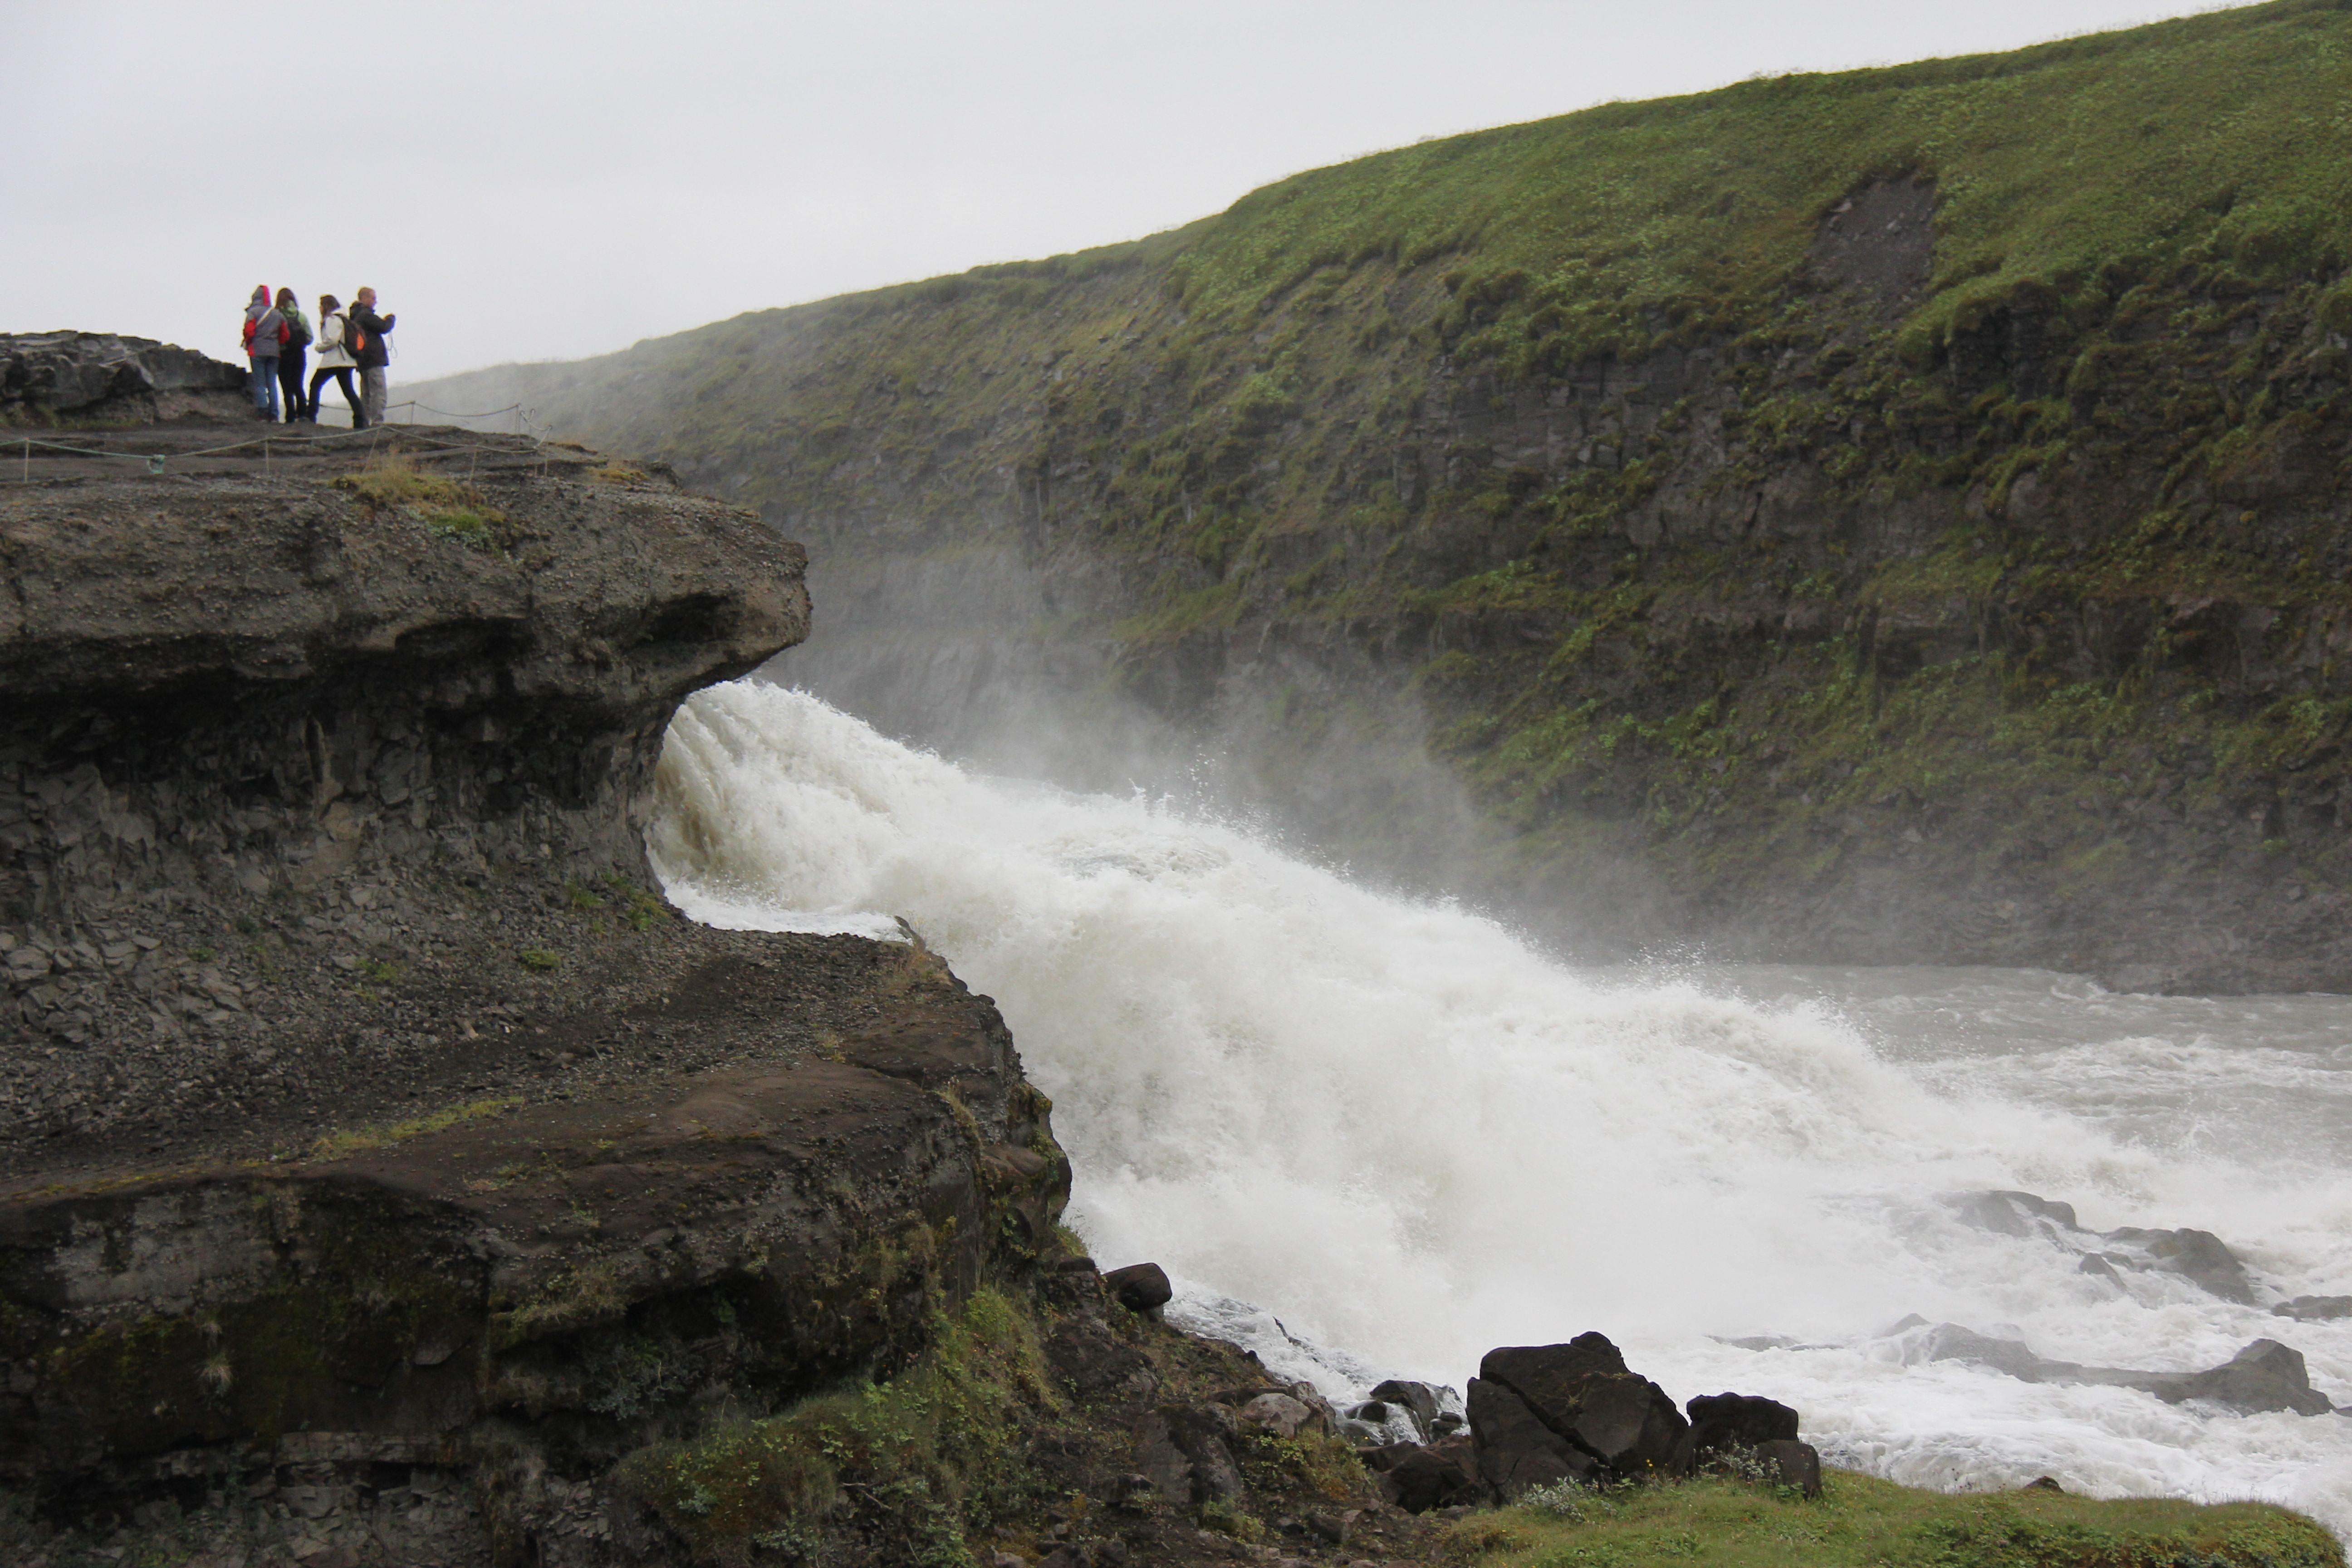 Dette er kun en lille del af Guldfossen, men billedet viser størrelsen på mennesker og natur.